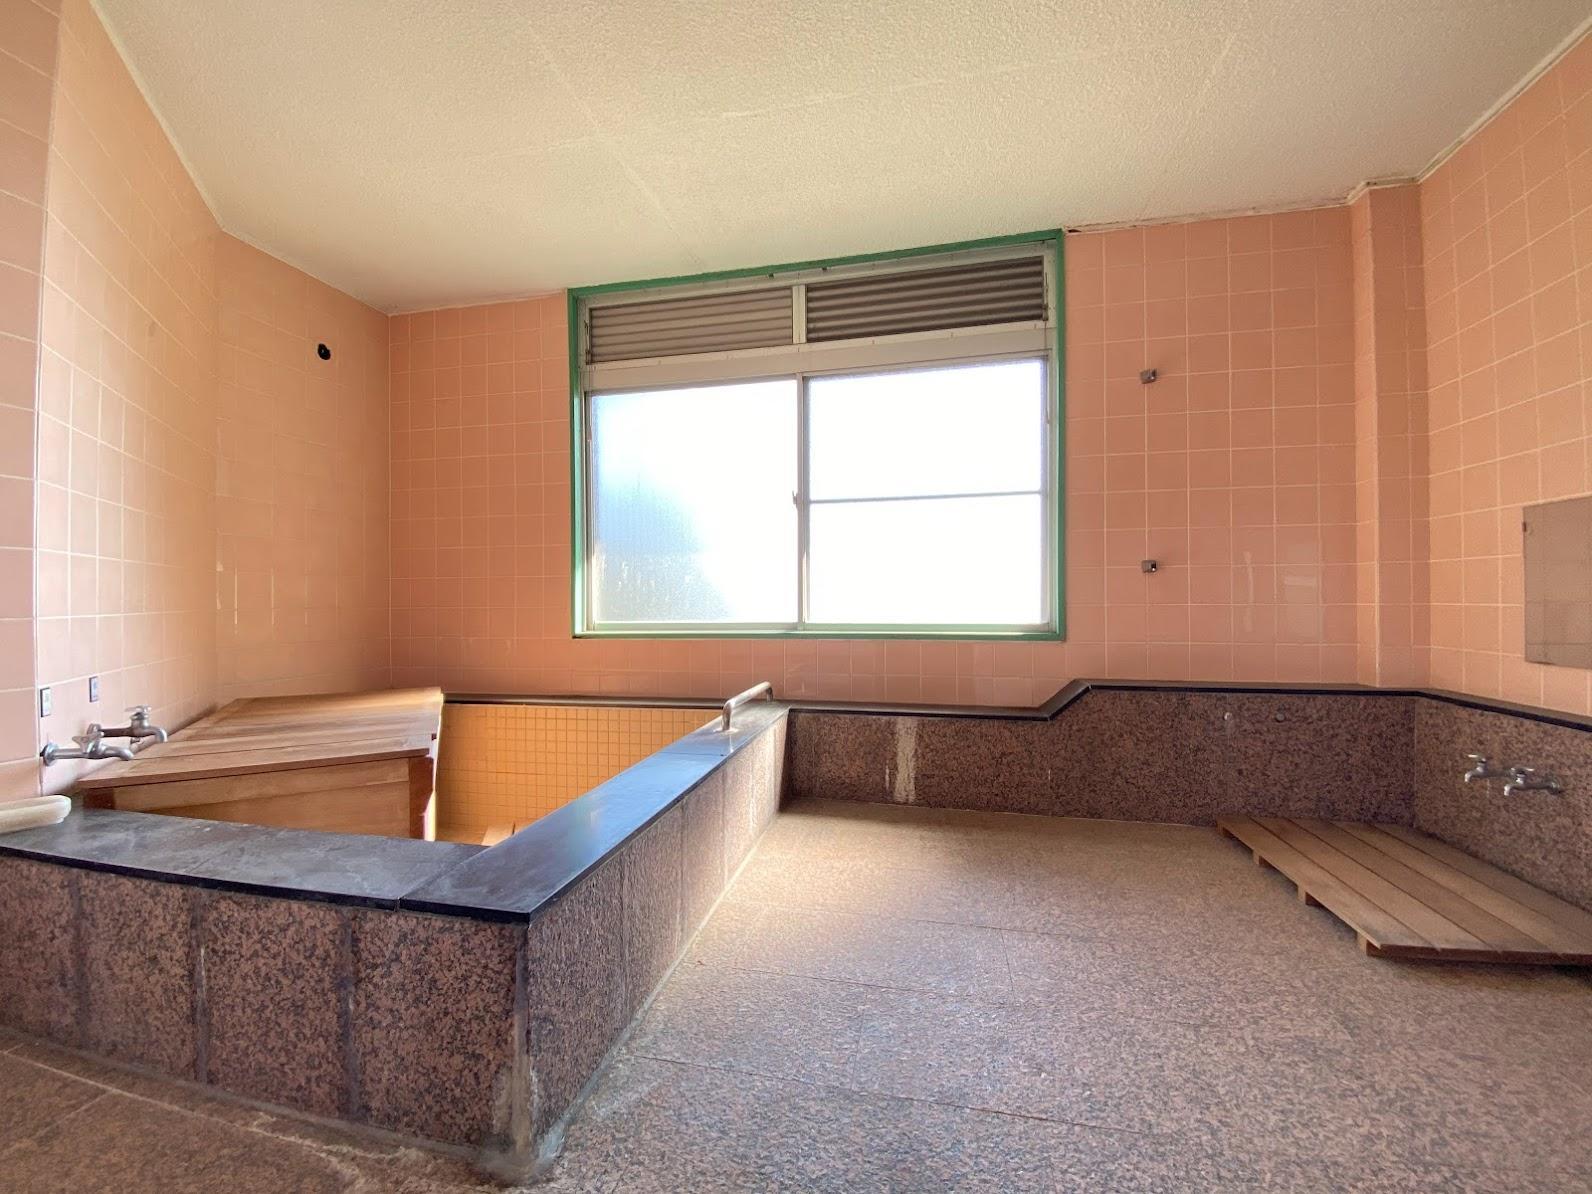 浴室(現在不使用)